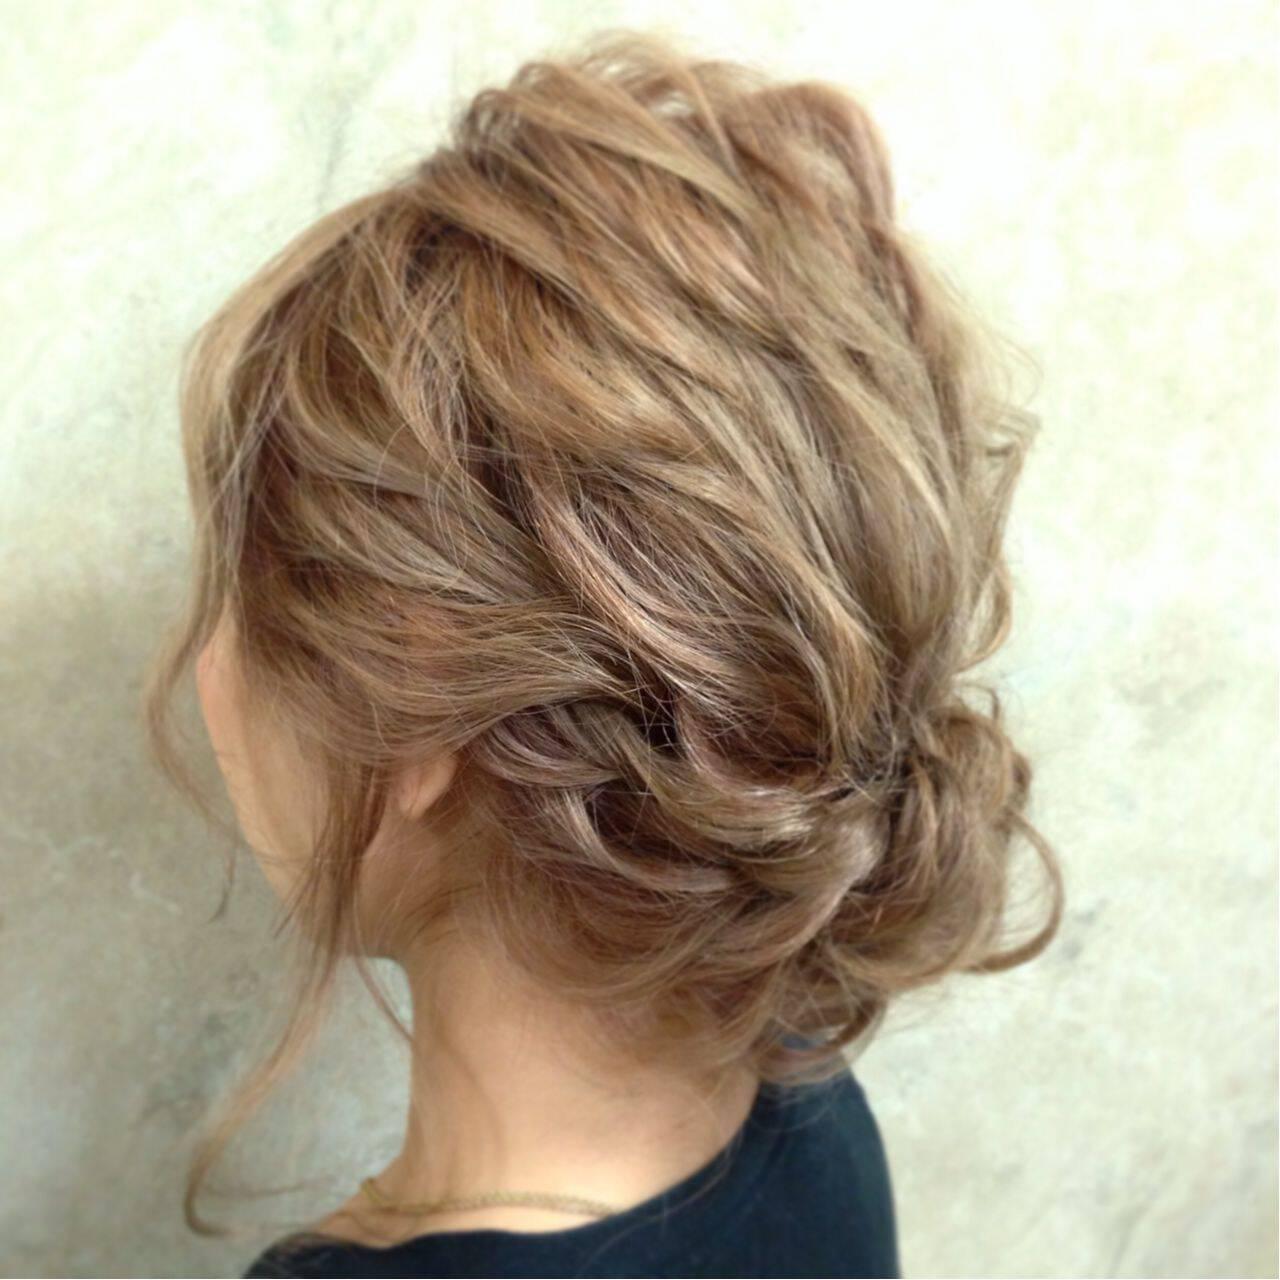 簡単ヘアアレンジ ショート 編み込み アップスタイルヘアスタイルや髪型の写真・画像